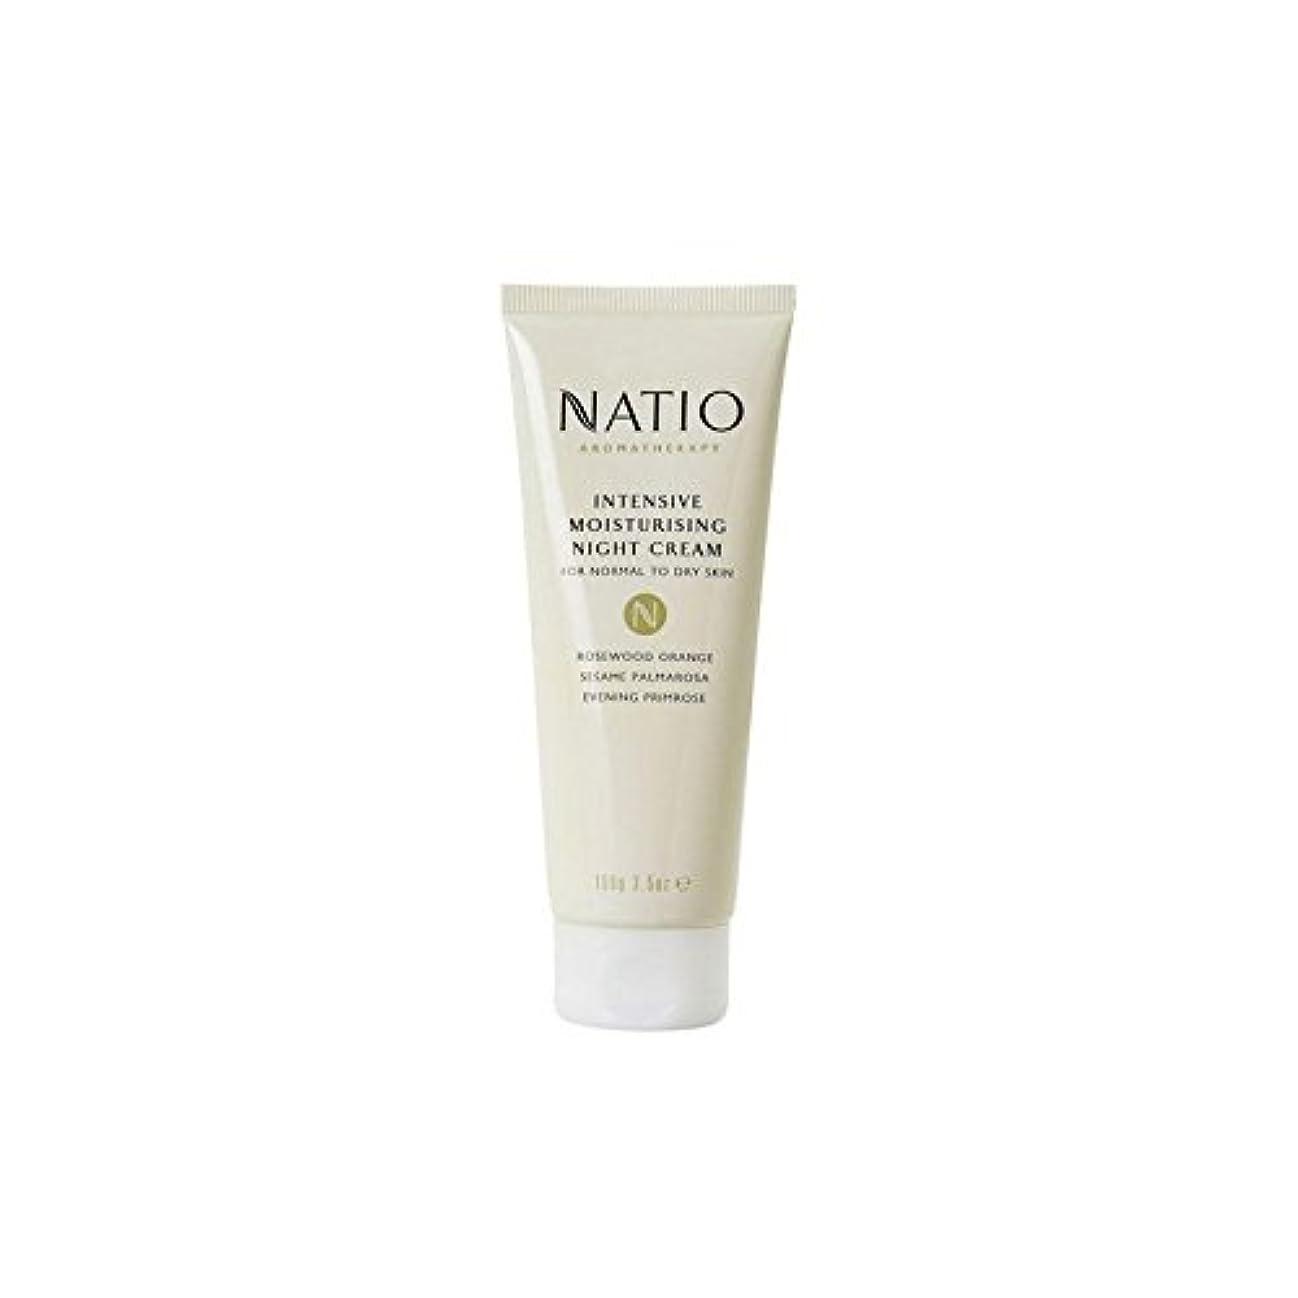 司教熟達した拒絶する集中的な保湿ナイトクリーム(100グラム) x4 - Natio Intensive Moisturising Night Cream (100G) (Pack of 4) [並行輸入品]